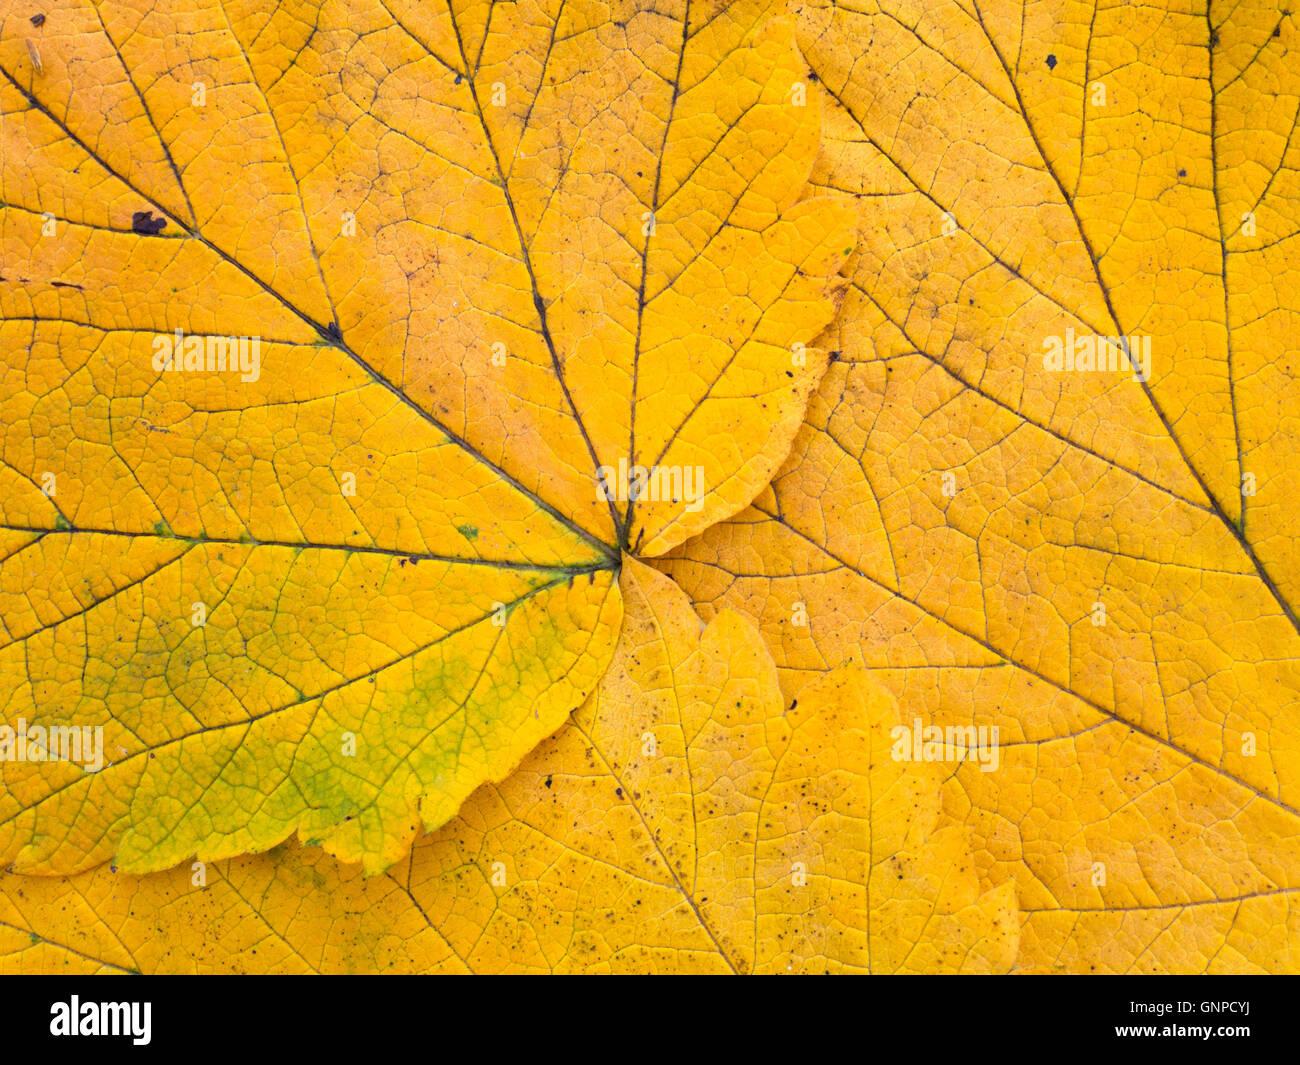 Les feuilles d'automne jaune vif avec des veines d'arrière-plan gros plan Photo Stock